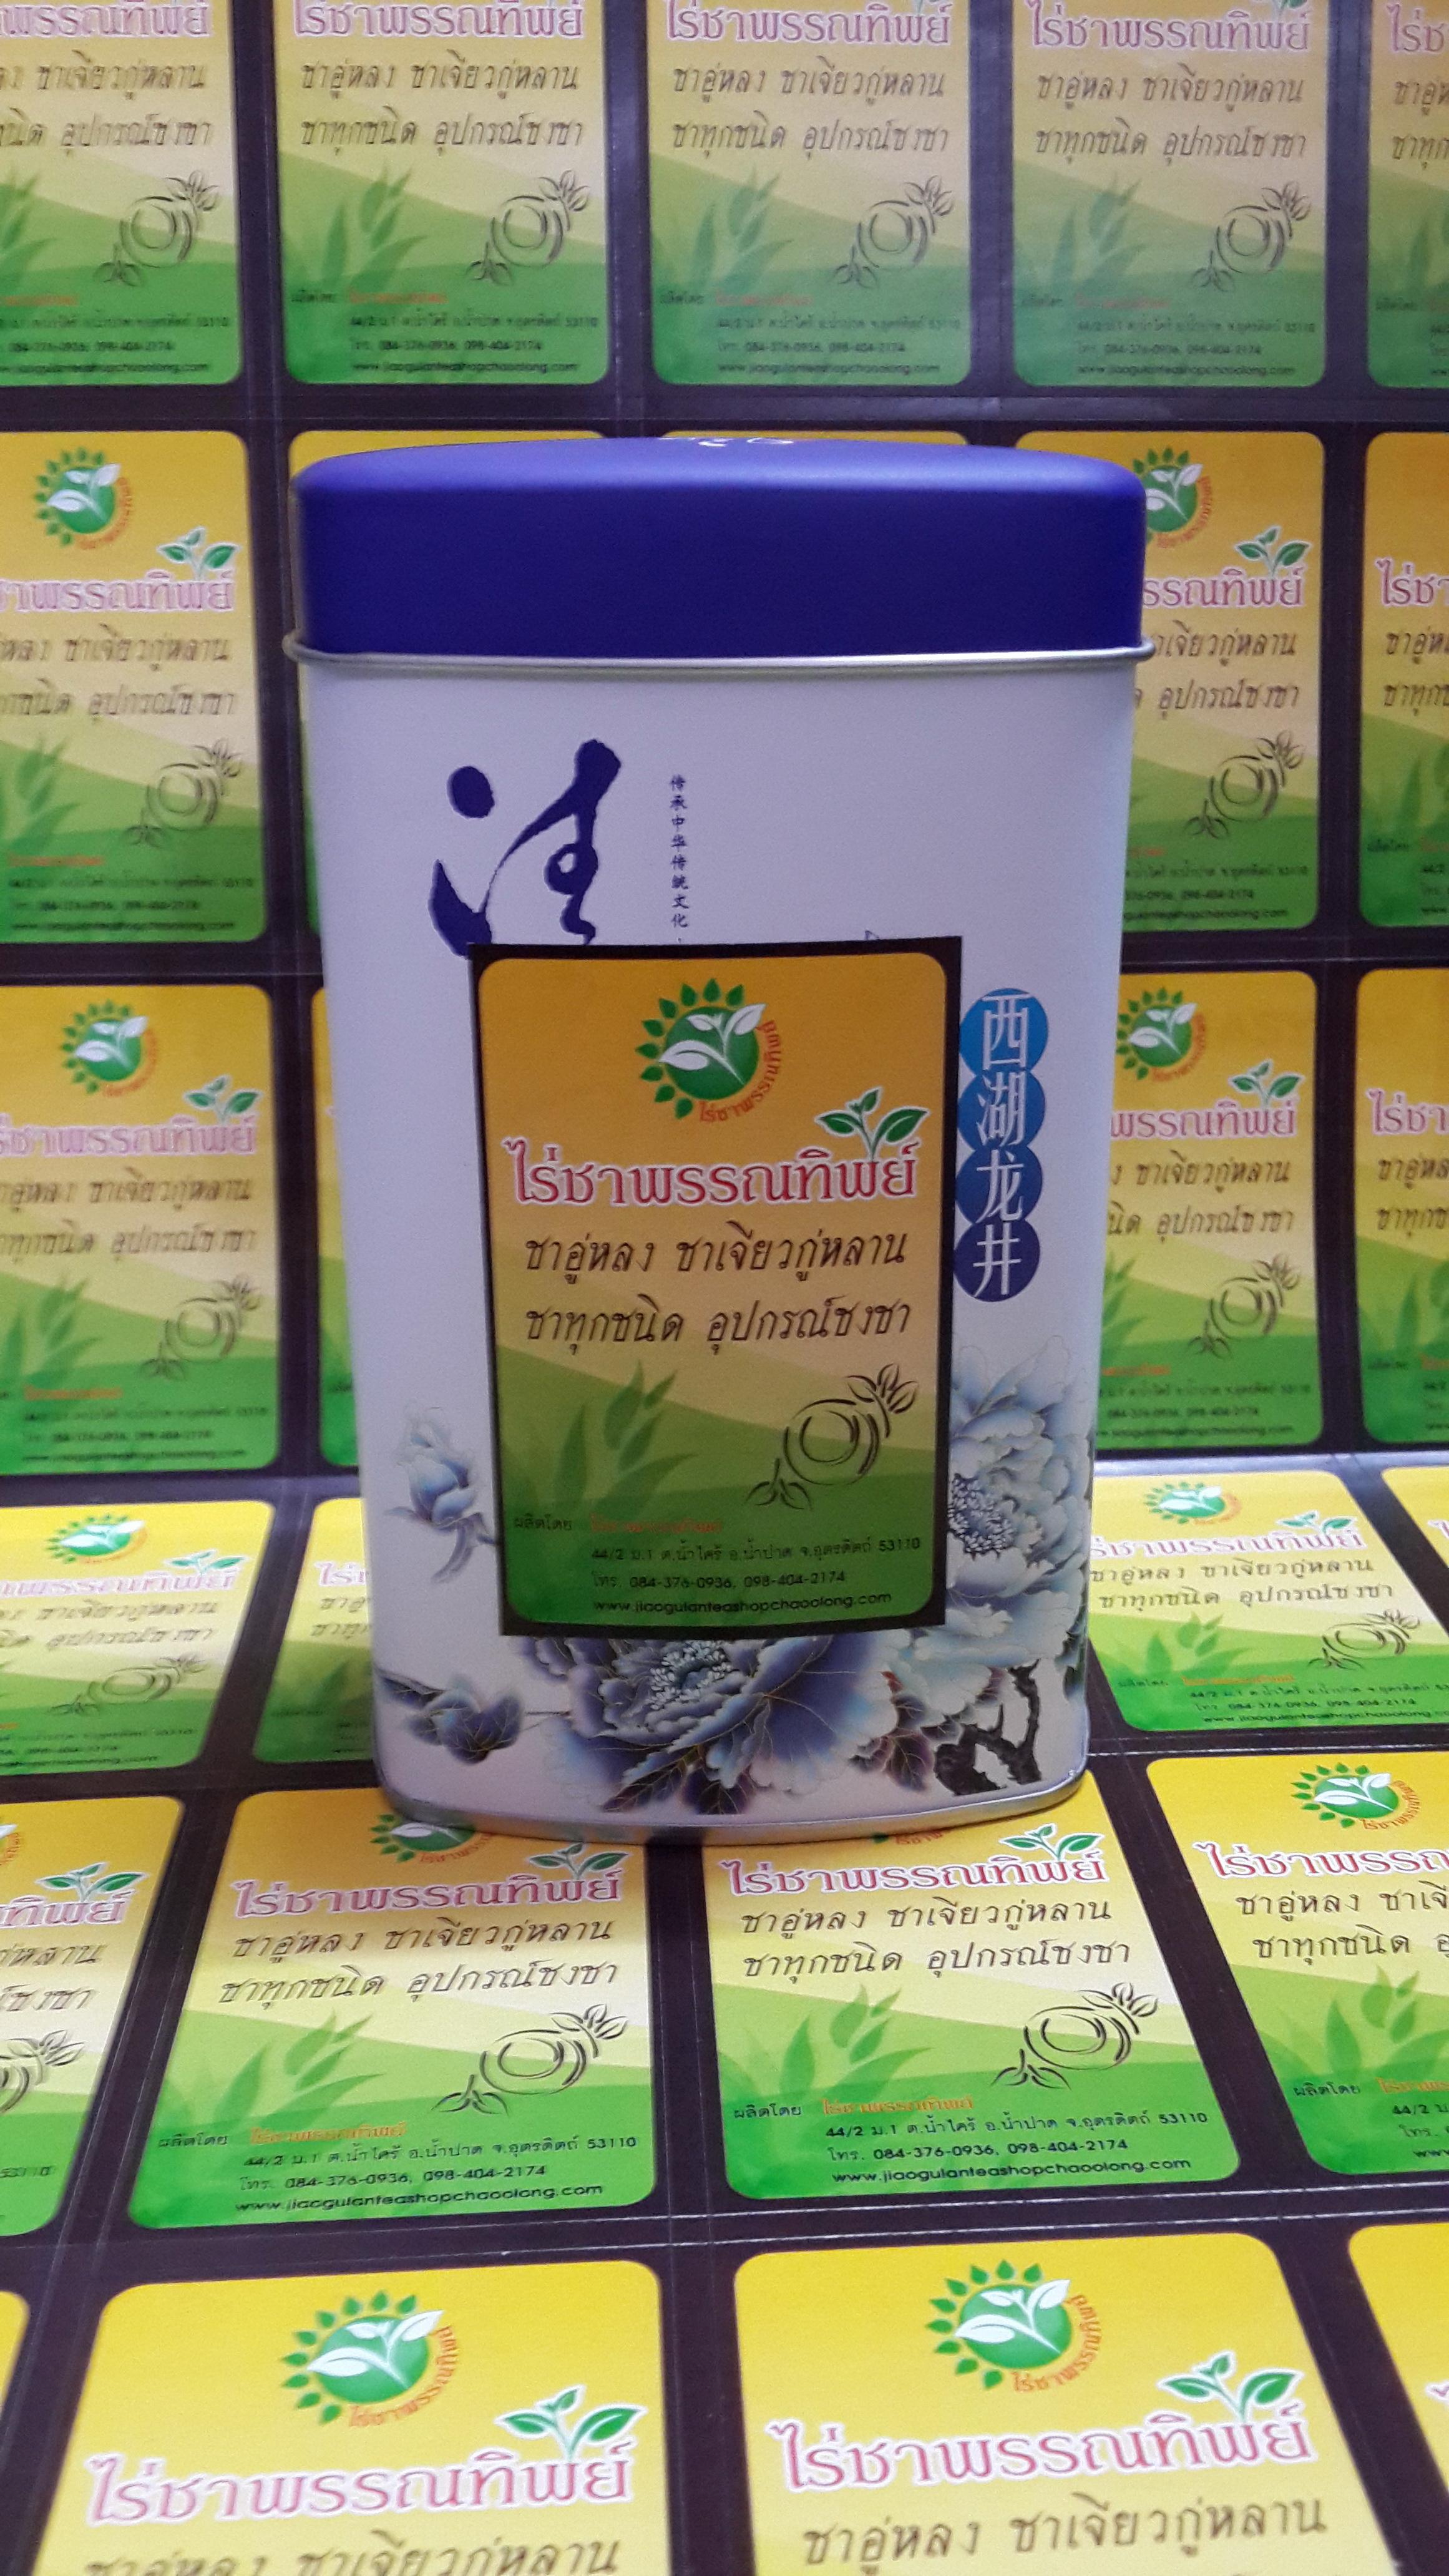 ชาอู่หลงเบอร์ 19 เกรด A ชนิดอย่างดี น้ำหนัก 200 กรัม